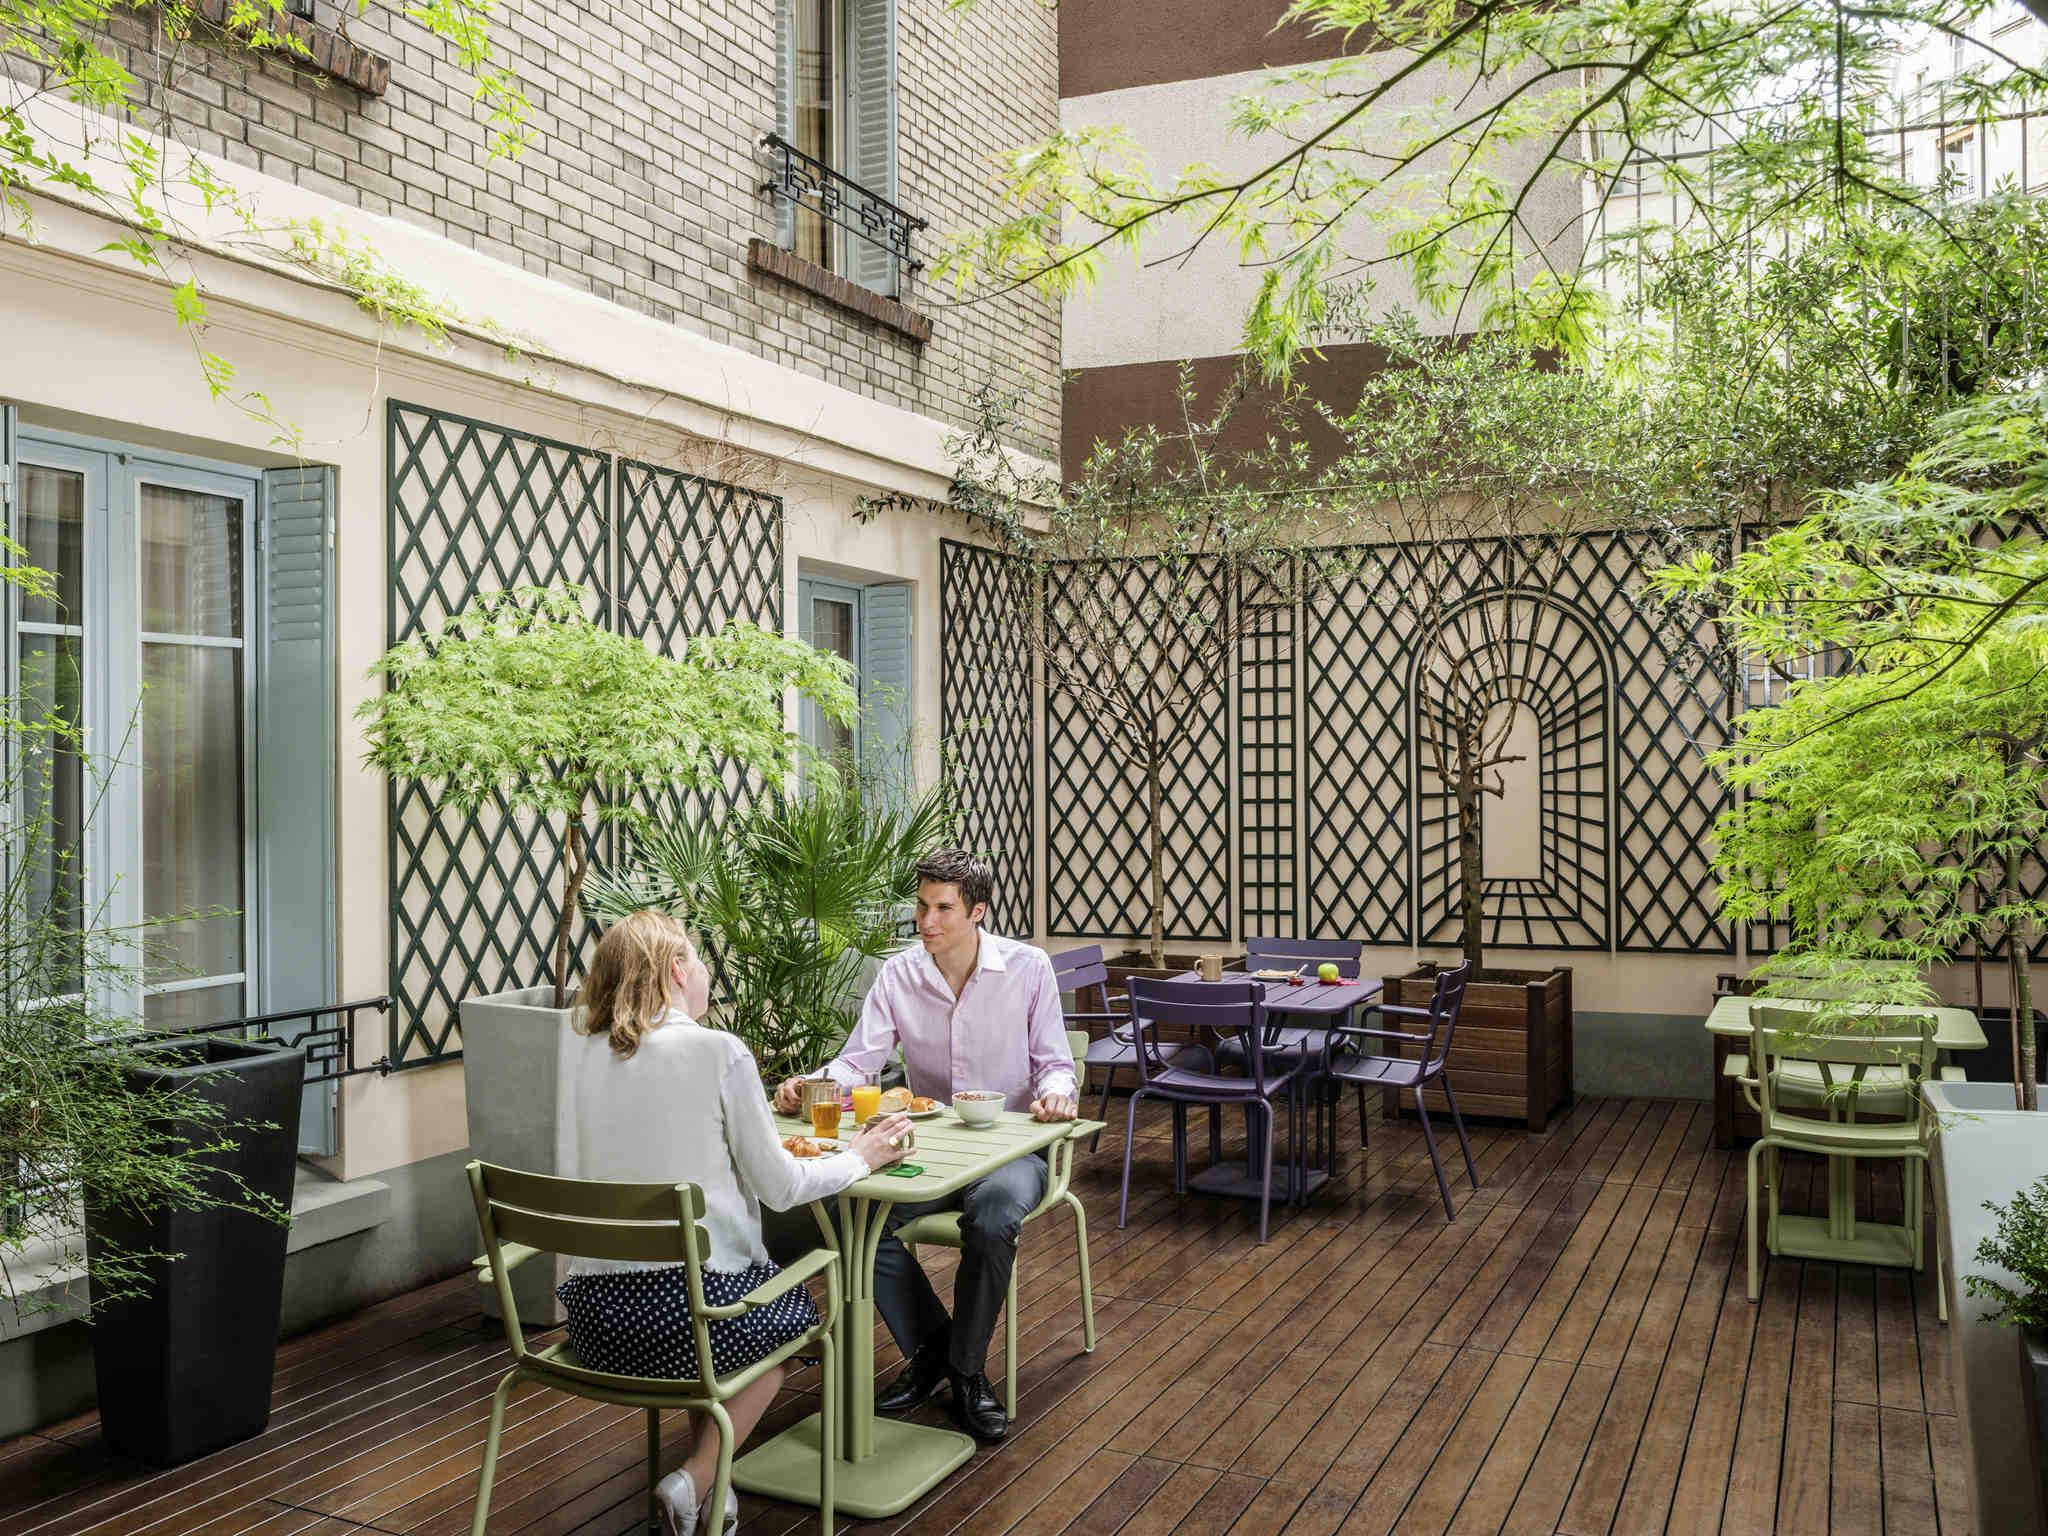 فندق - الشقق الفندقية أداجيو أكسس Adagio access فيليب أوجست